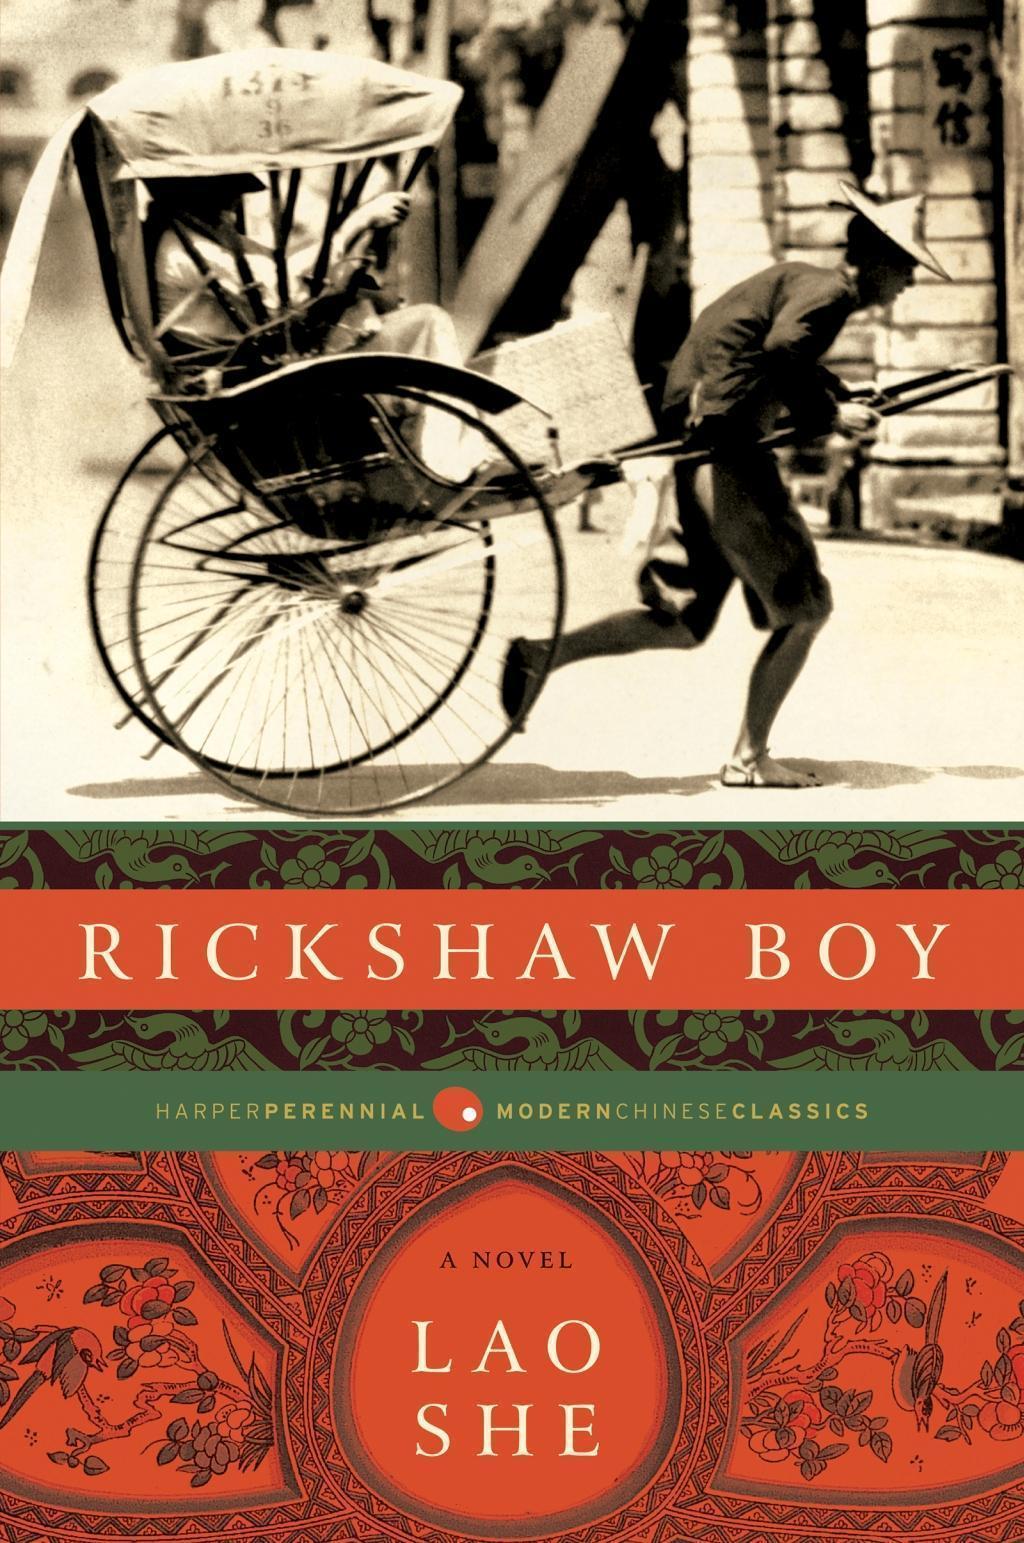 Rickshaw Boy